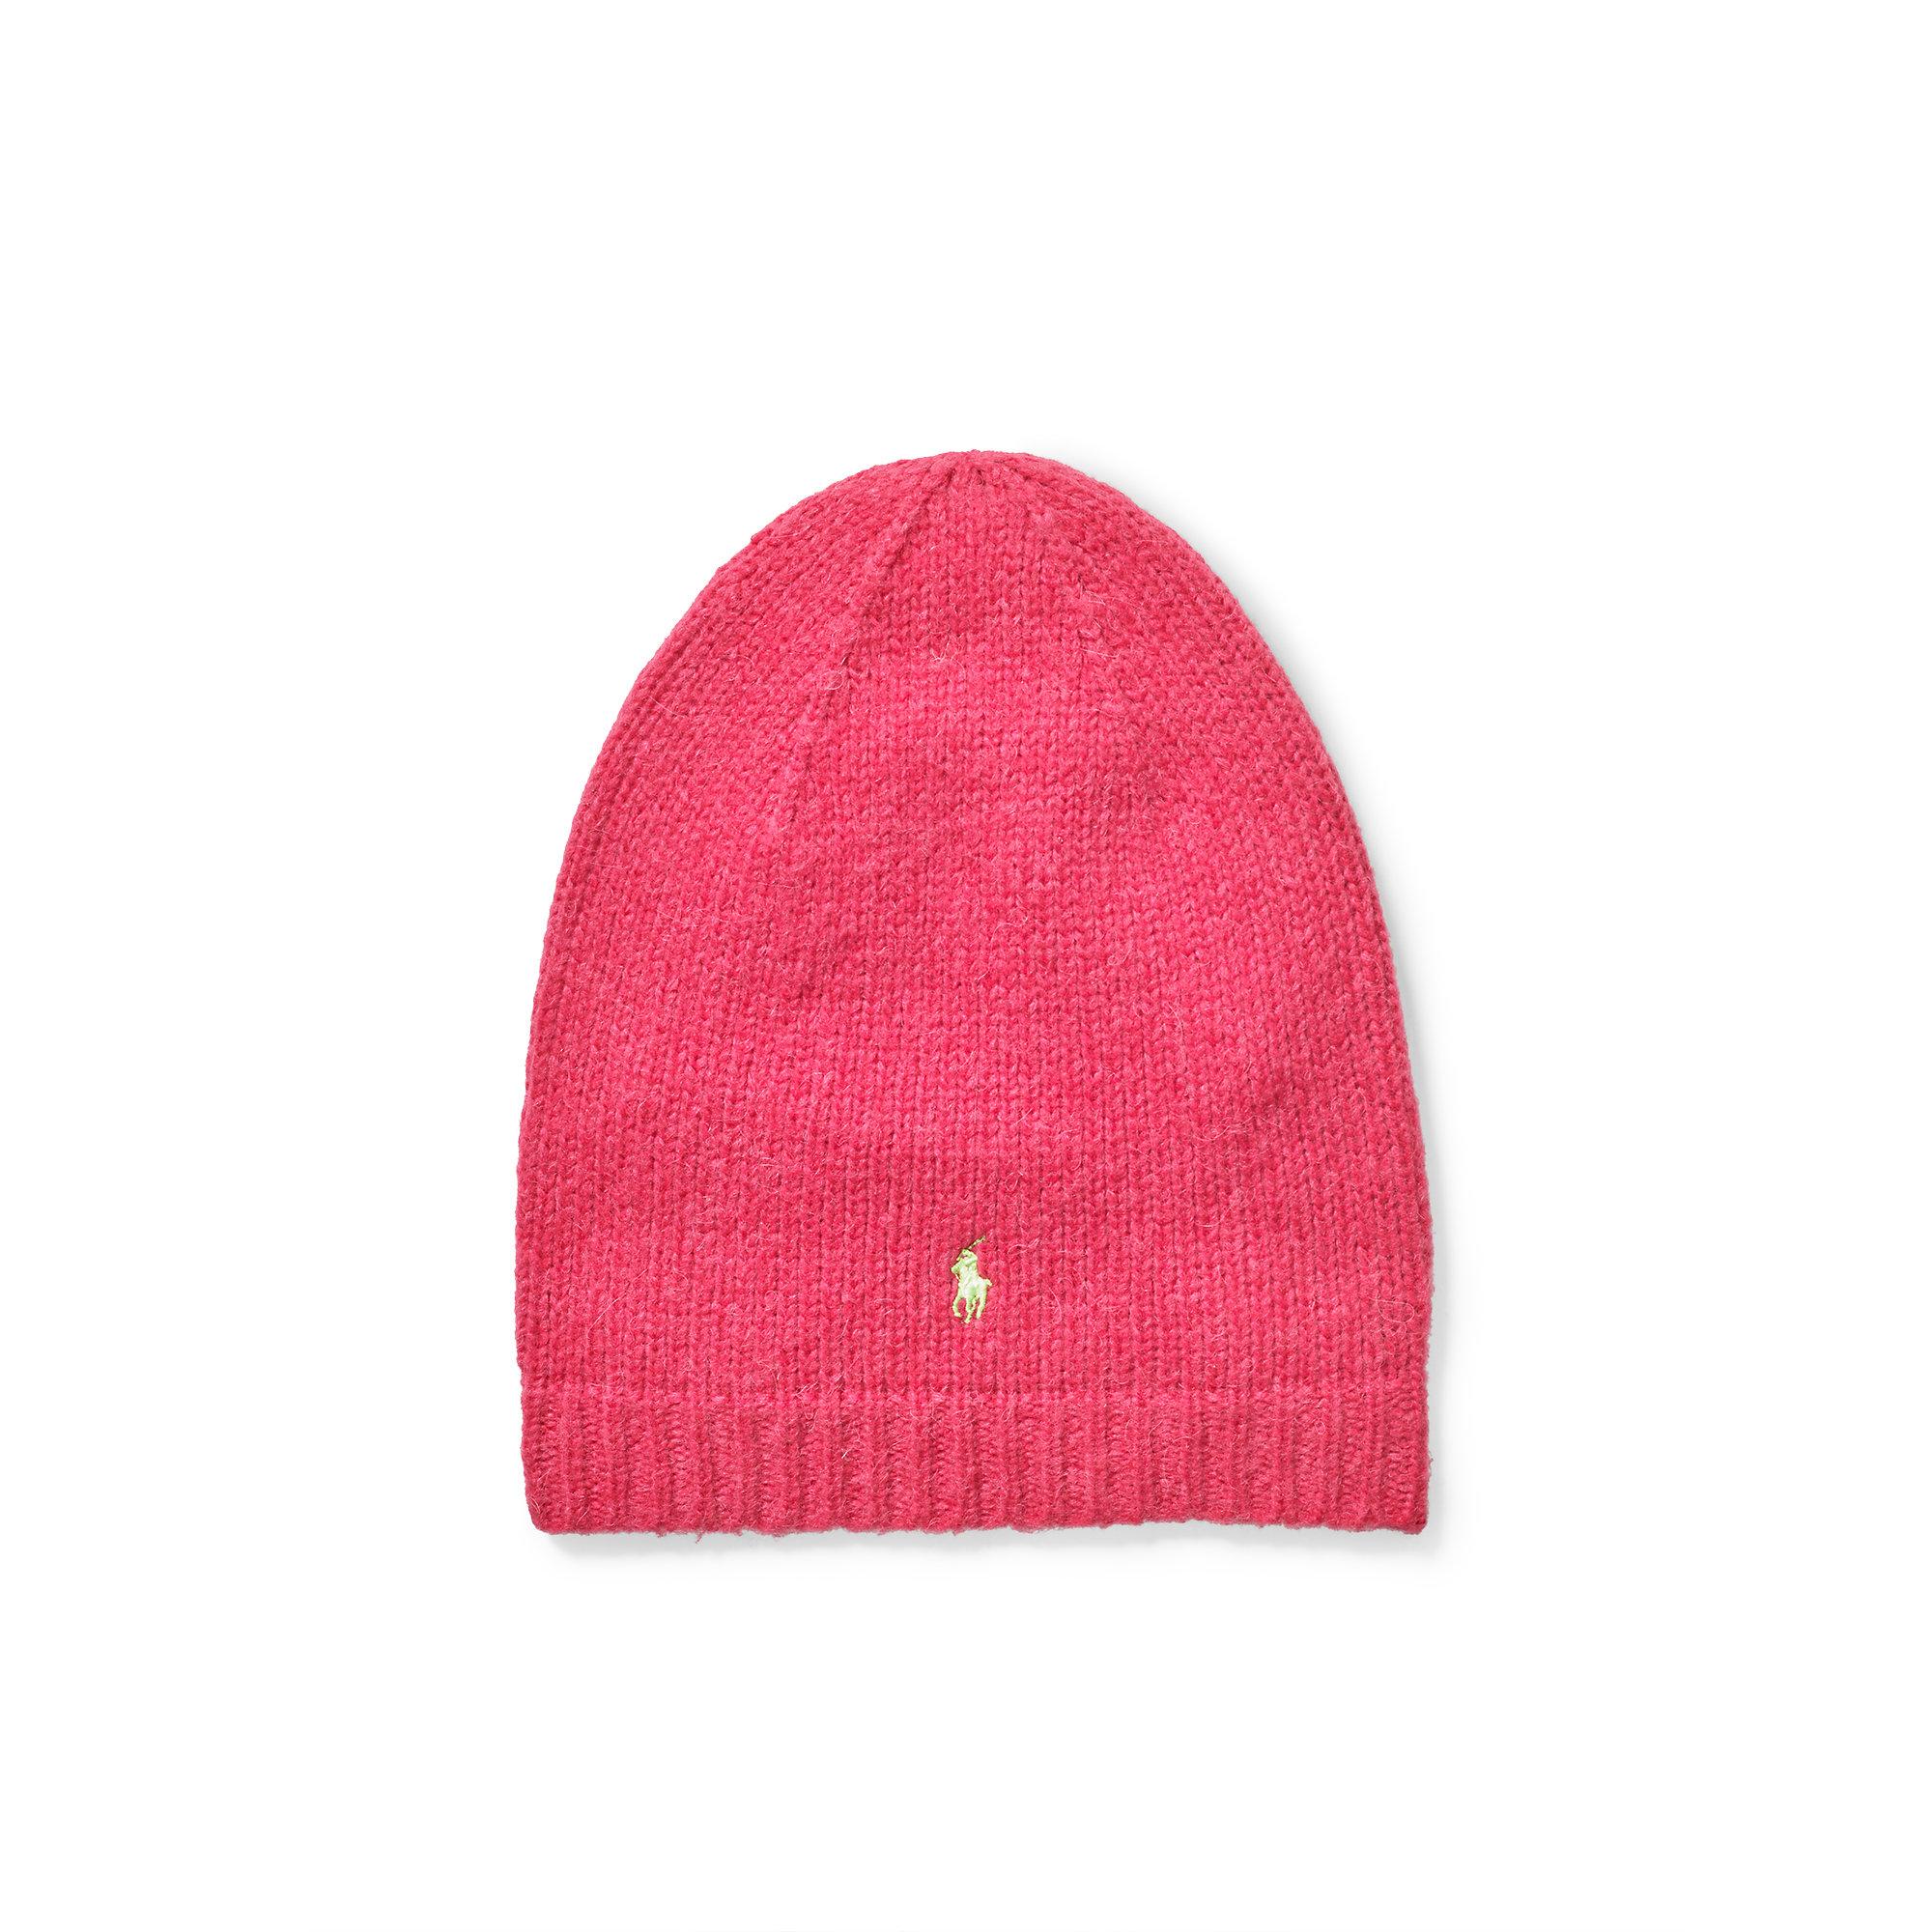 Lyst - Polo Ralph Lauren Slouchy Wool-blend Hat in Pink db8ec38fd